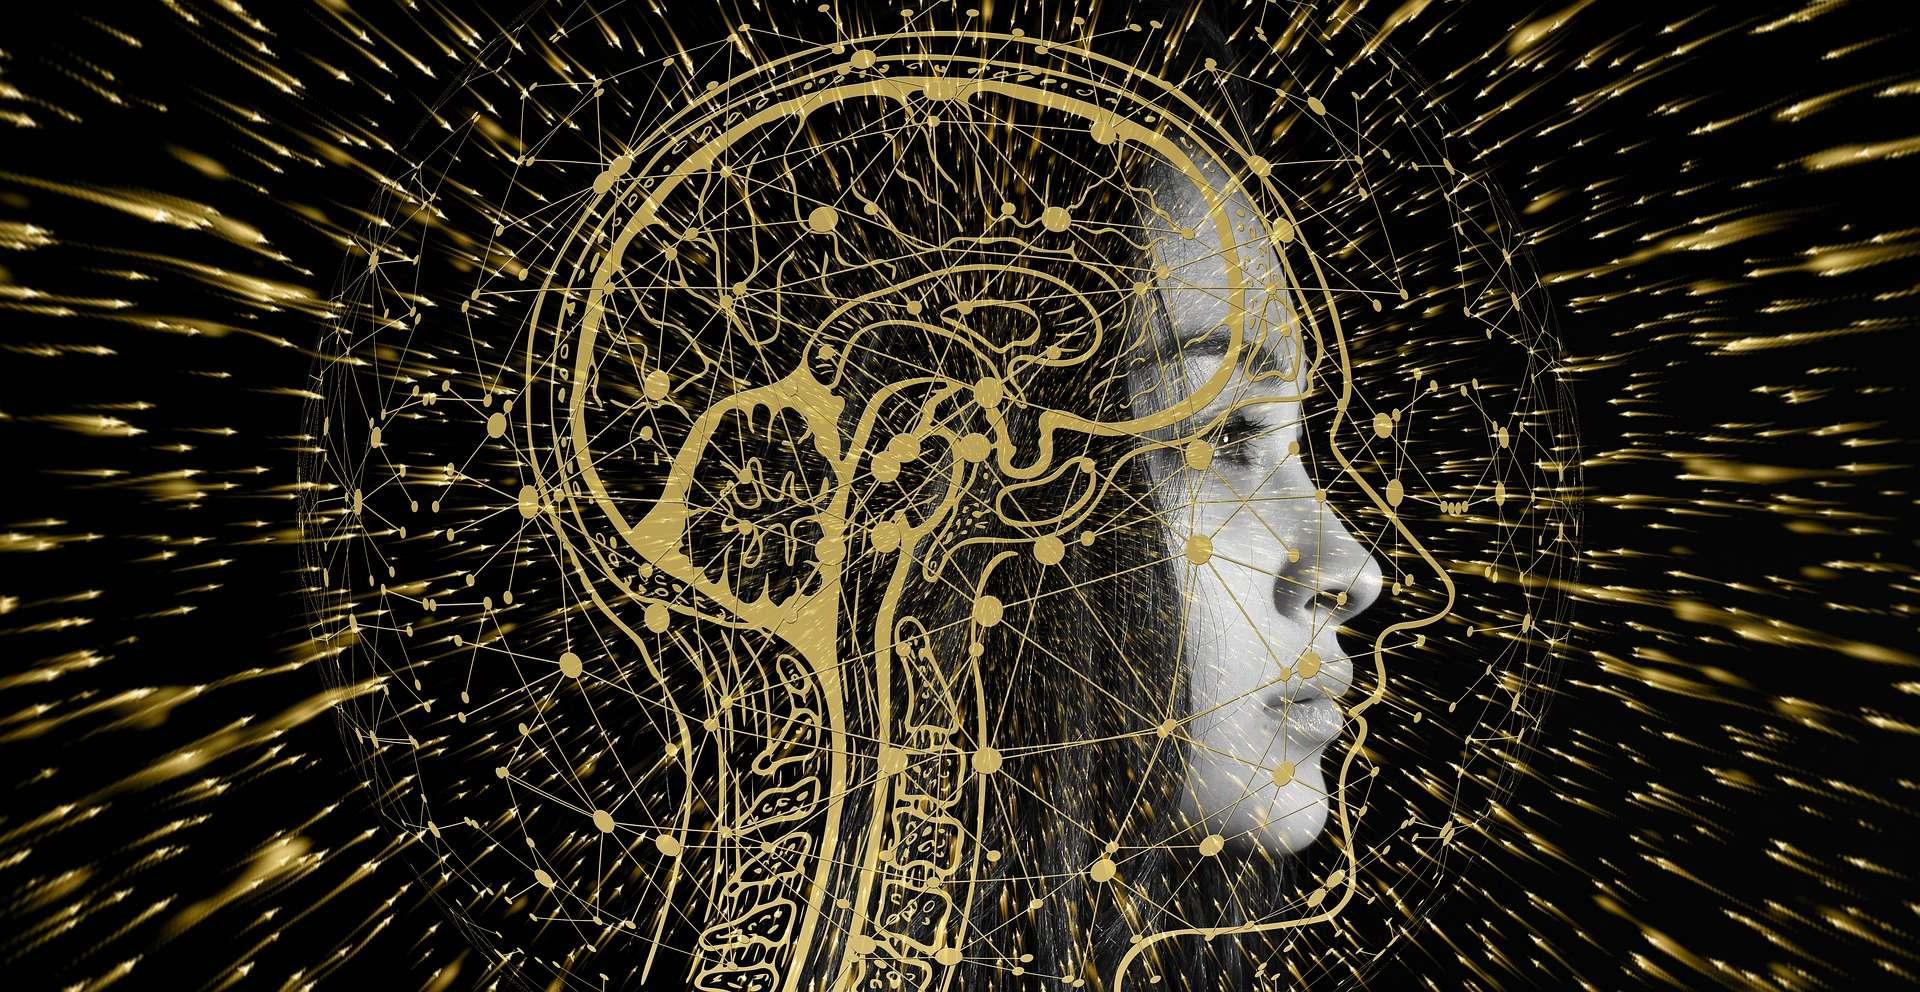 हमारे दिमाग में ताजा रखती हैं तंत्रिकाओं की पूरी टीम यादों को